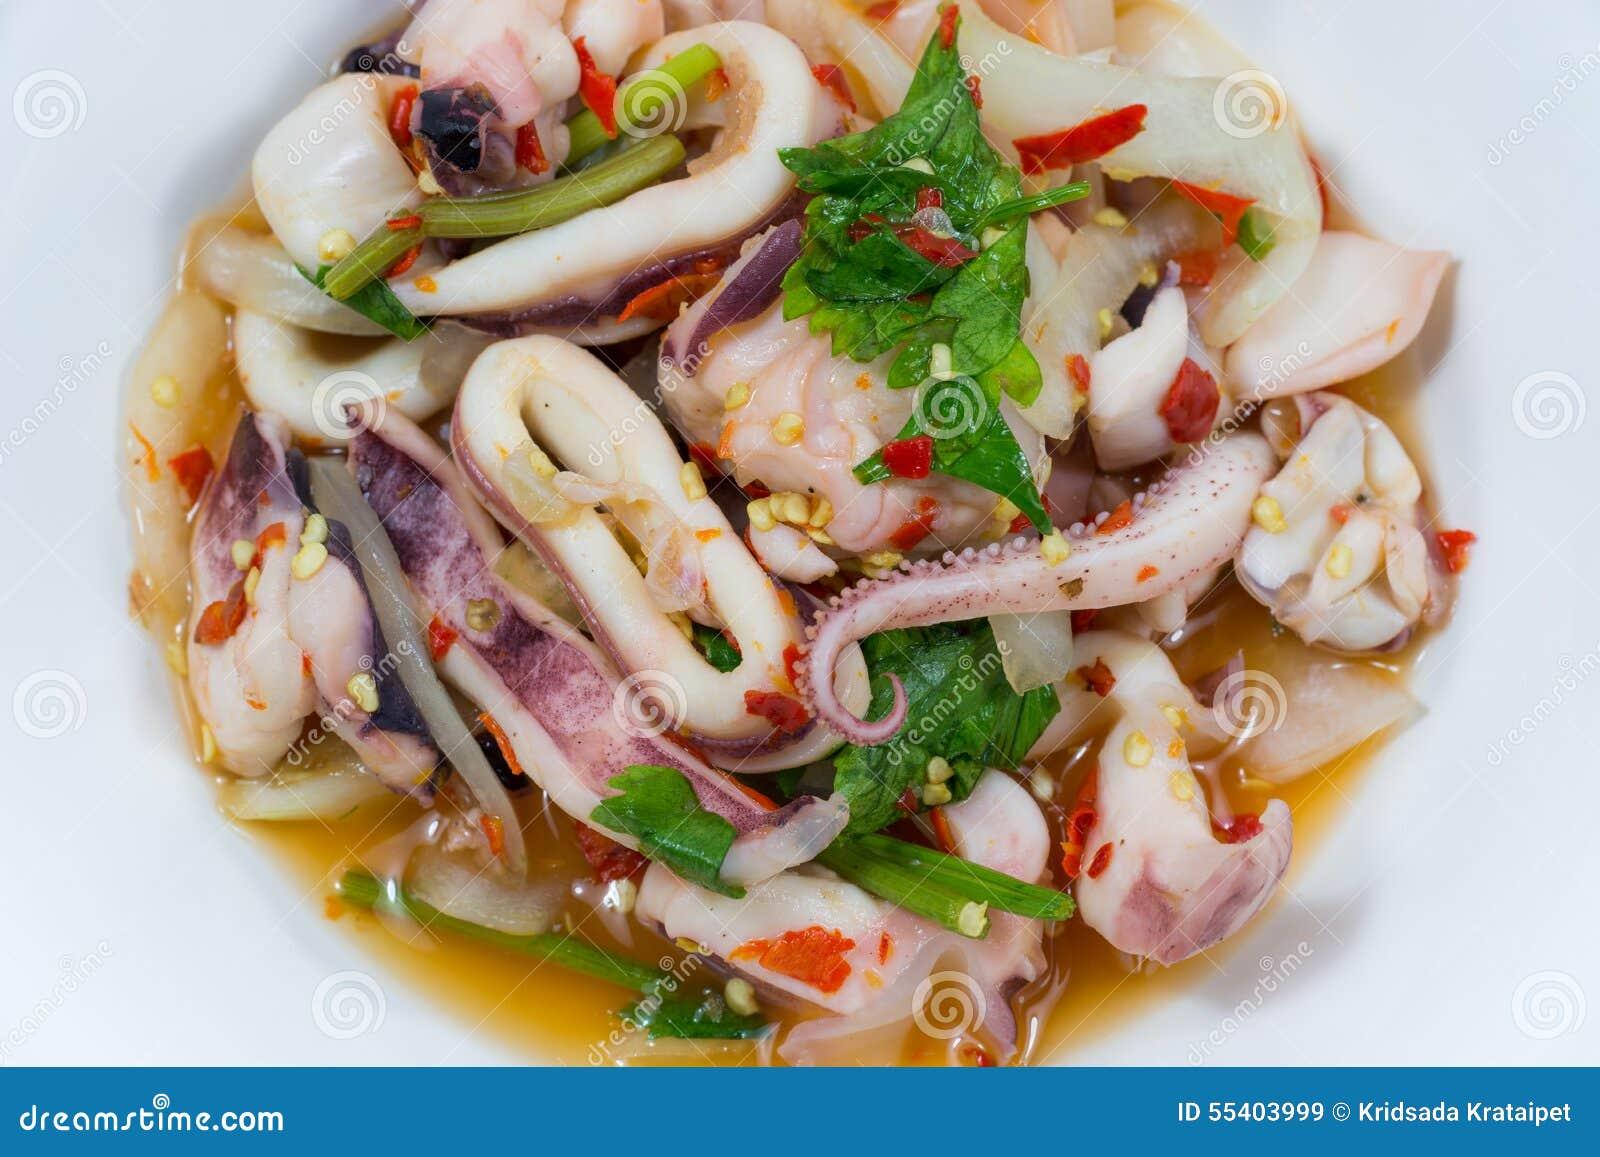 THAI SQUID SALAD stock image. Image of close, cuisine ...